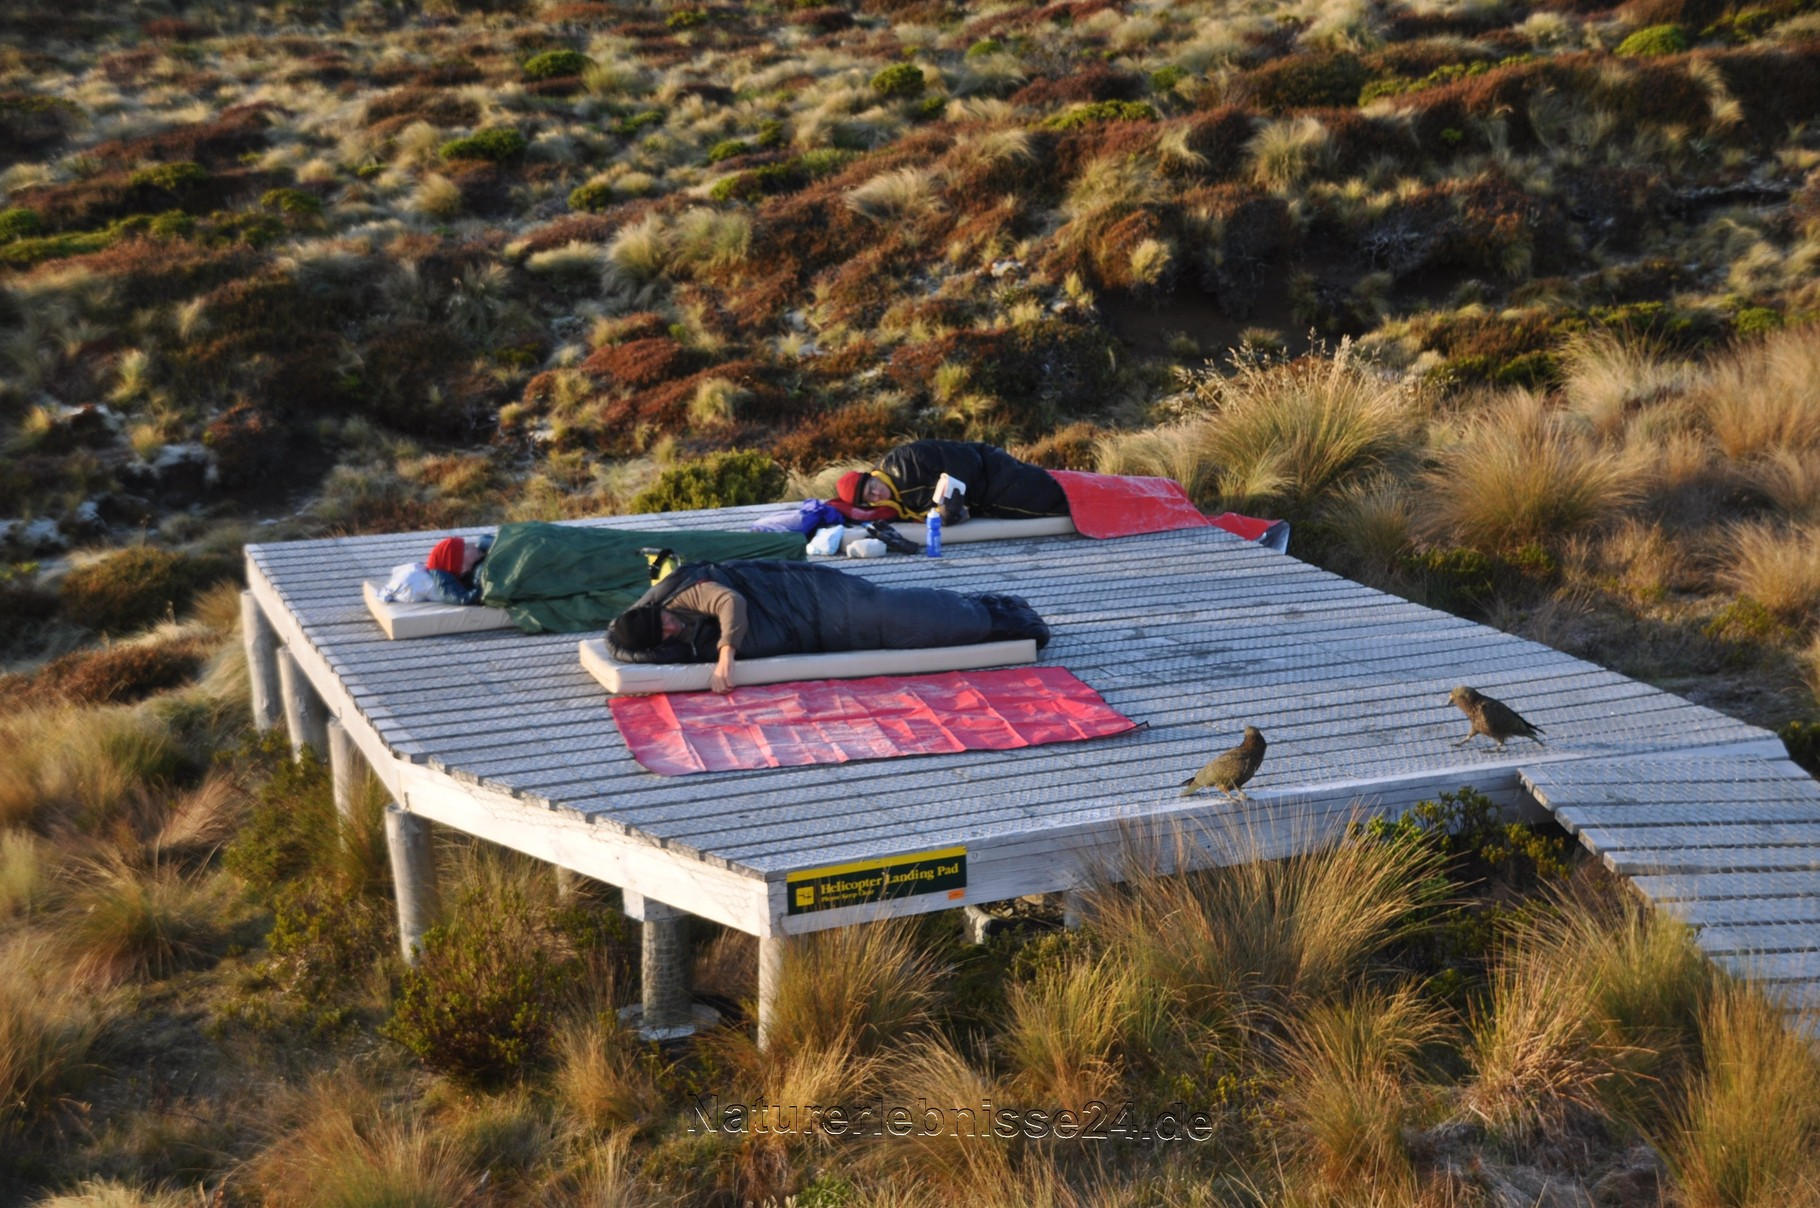 Die ganz Harten, die auf dem Hubschrauberlandeplatz schliefen